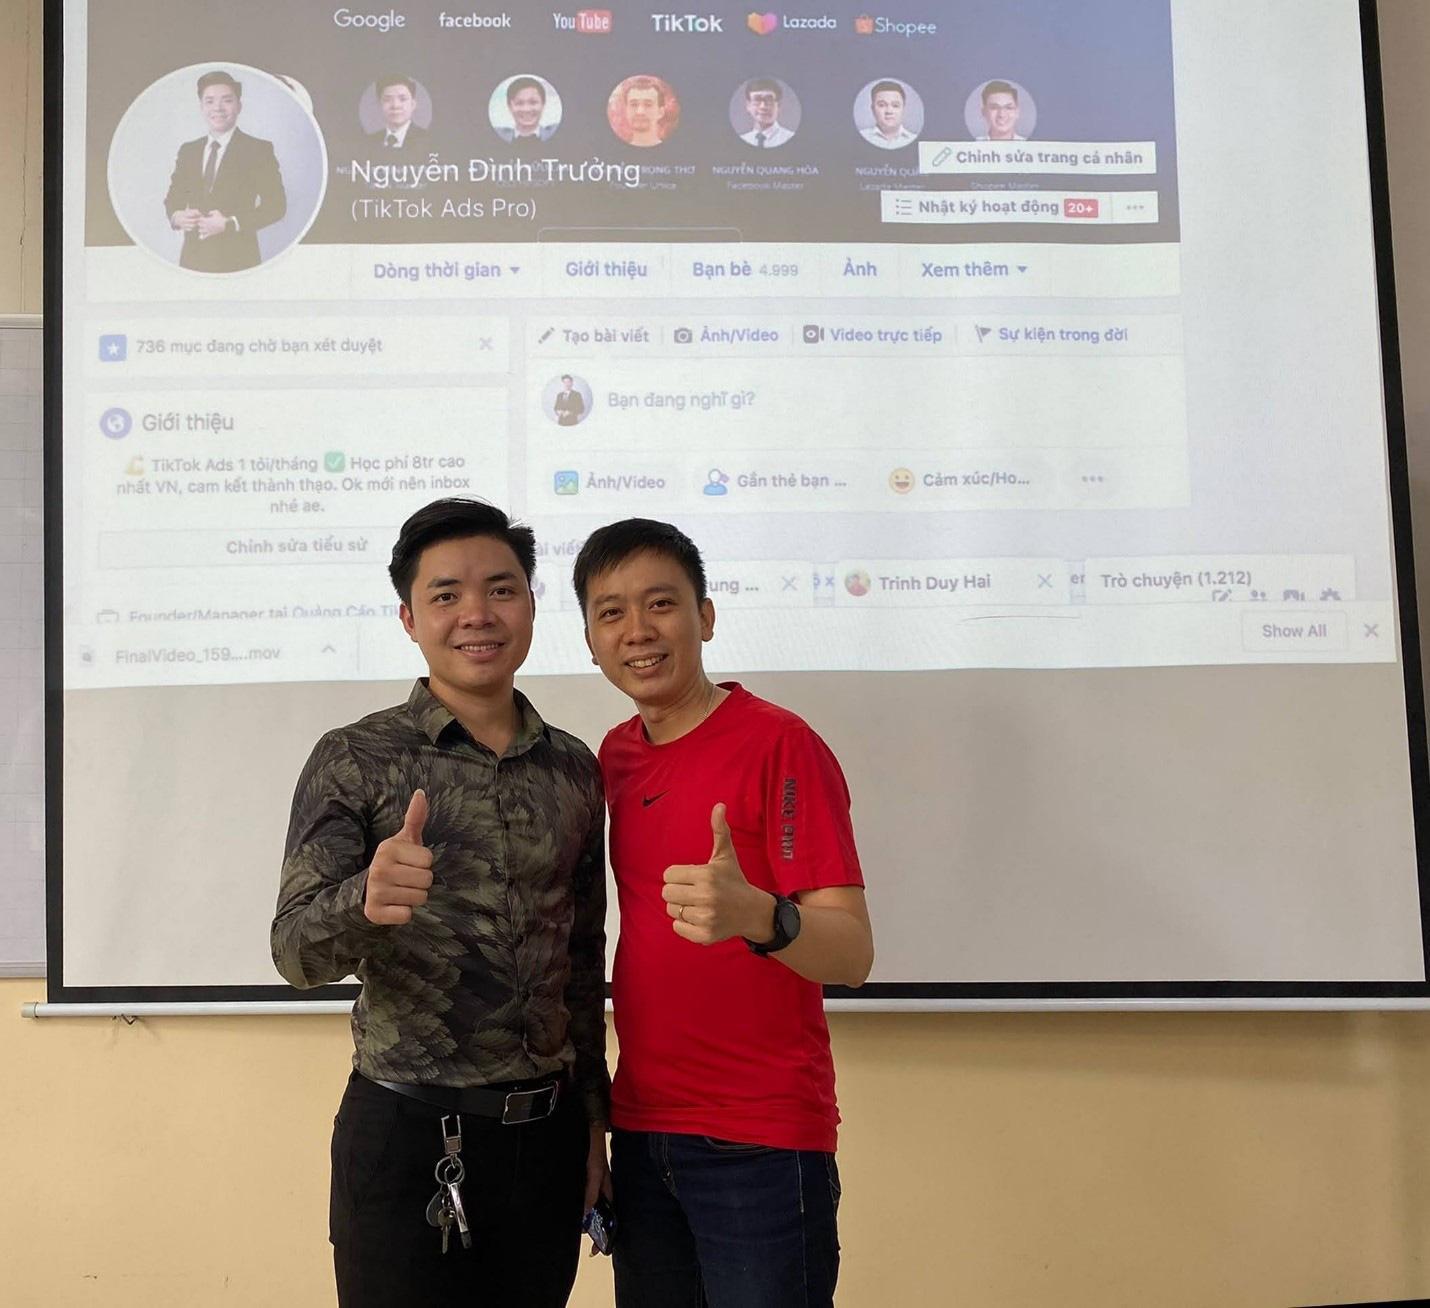 CEO Nguyễn Đình Trưởng – Giảng viên đào tạo vừa có tâm vừa có tầm - Ảnh 1.